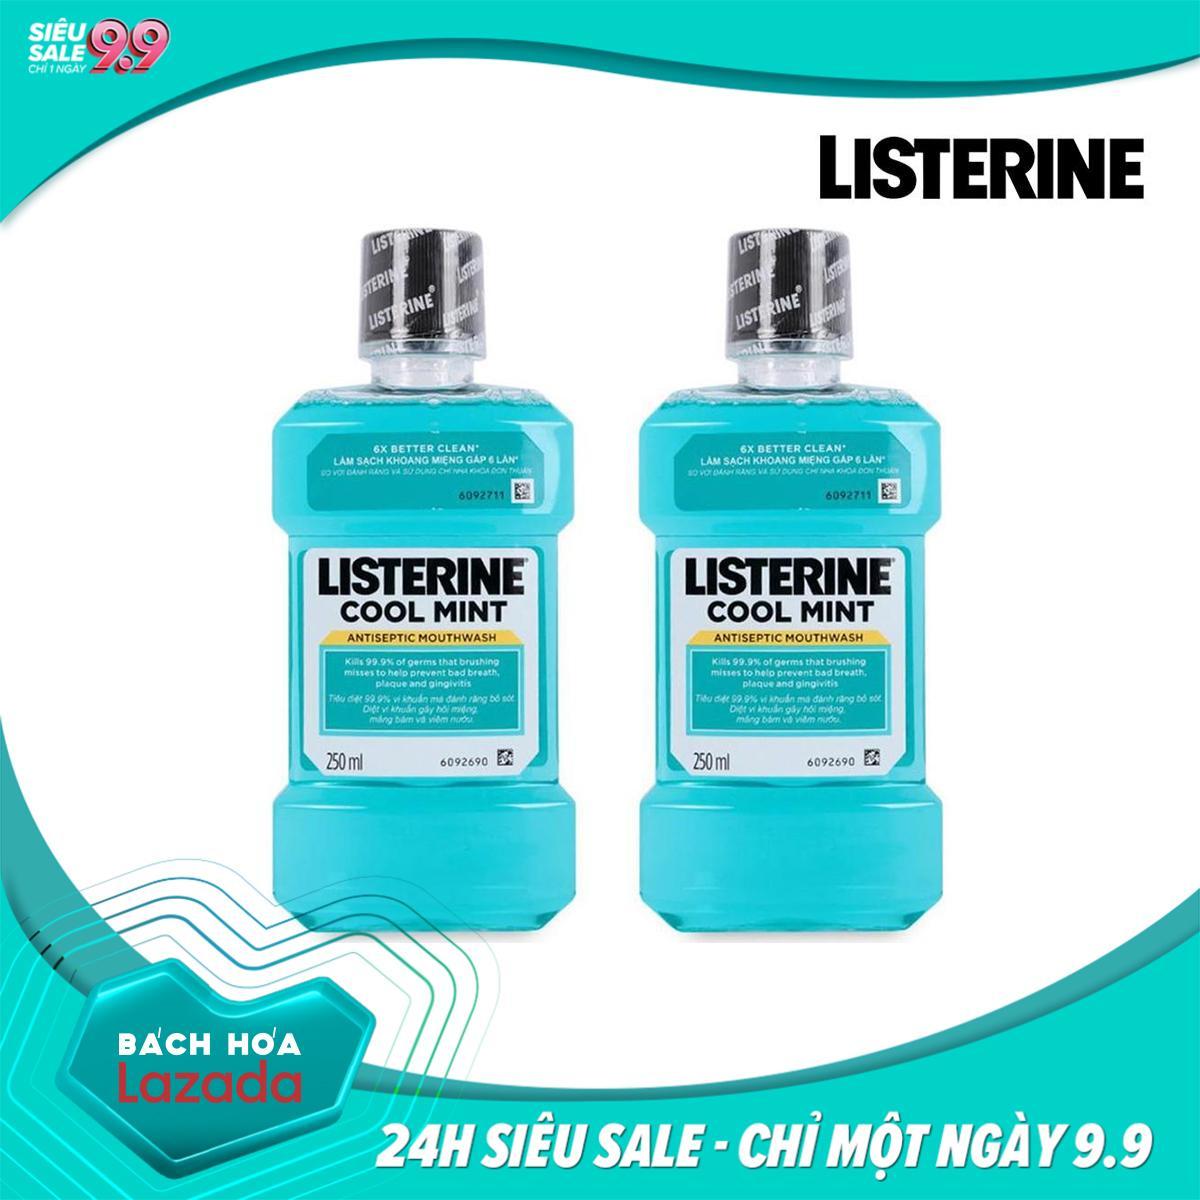 Bộ 2 Nước Súc Miệng Listerine Cool Mint giữ hơi thở thơm mát - 2 chai x 250ml chính hãng